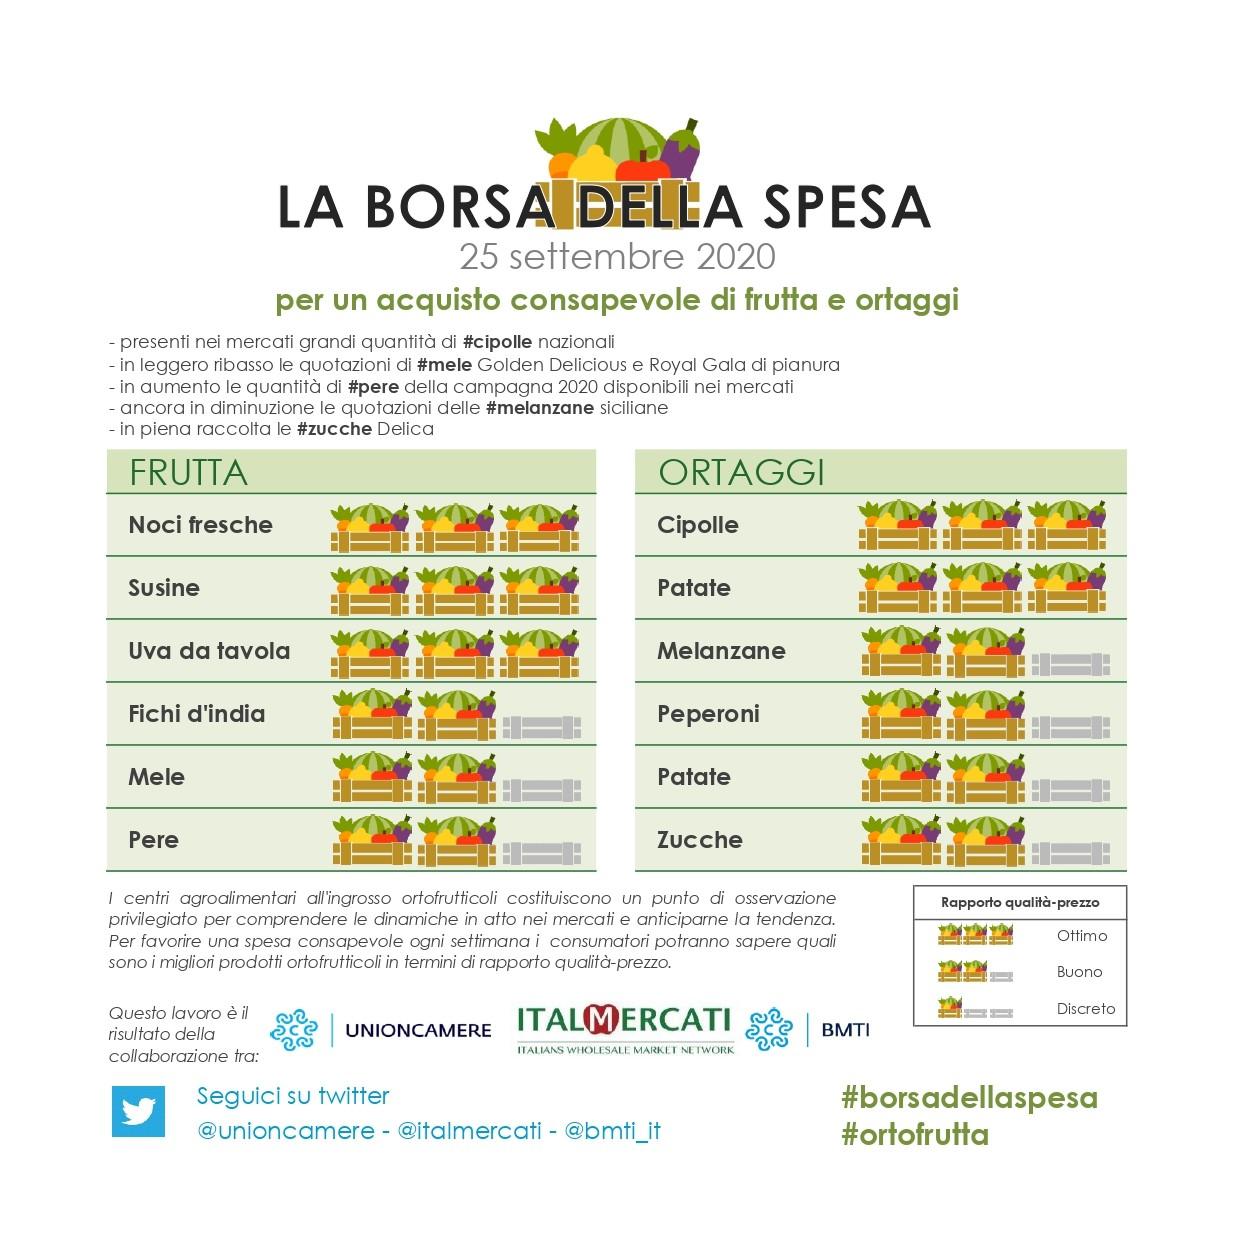 Nella #borsadellaspesa di #ortofrutta del 25 settembre 2020: #cipolle, #patate, #noci fresche, #susine e  #uva da tavola